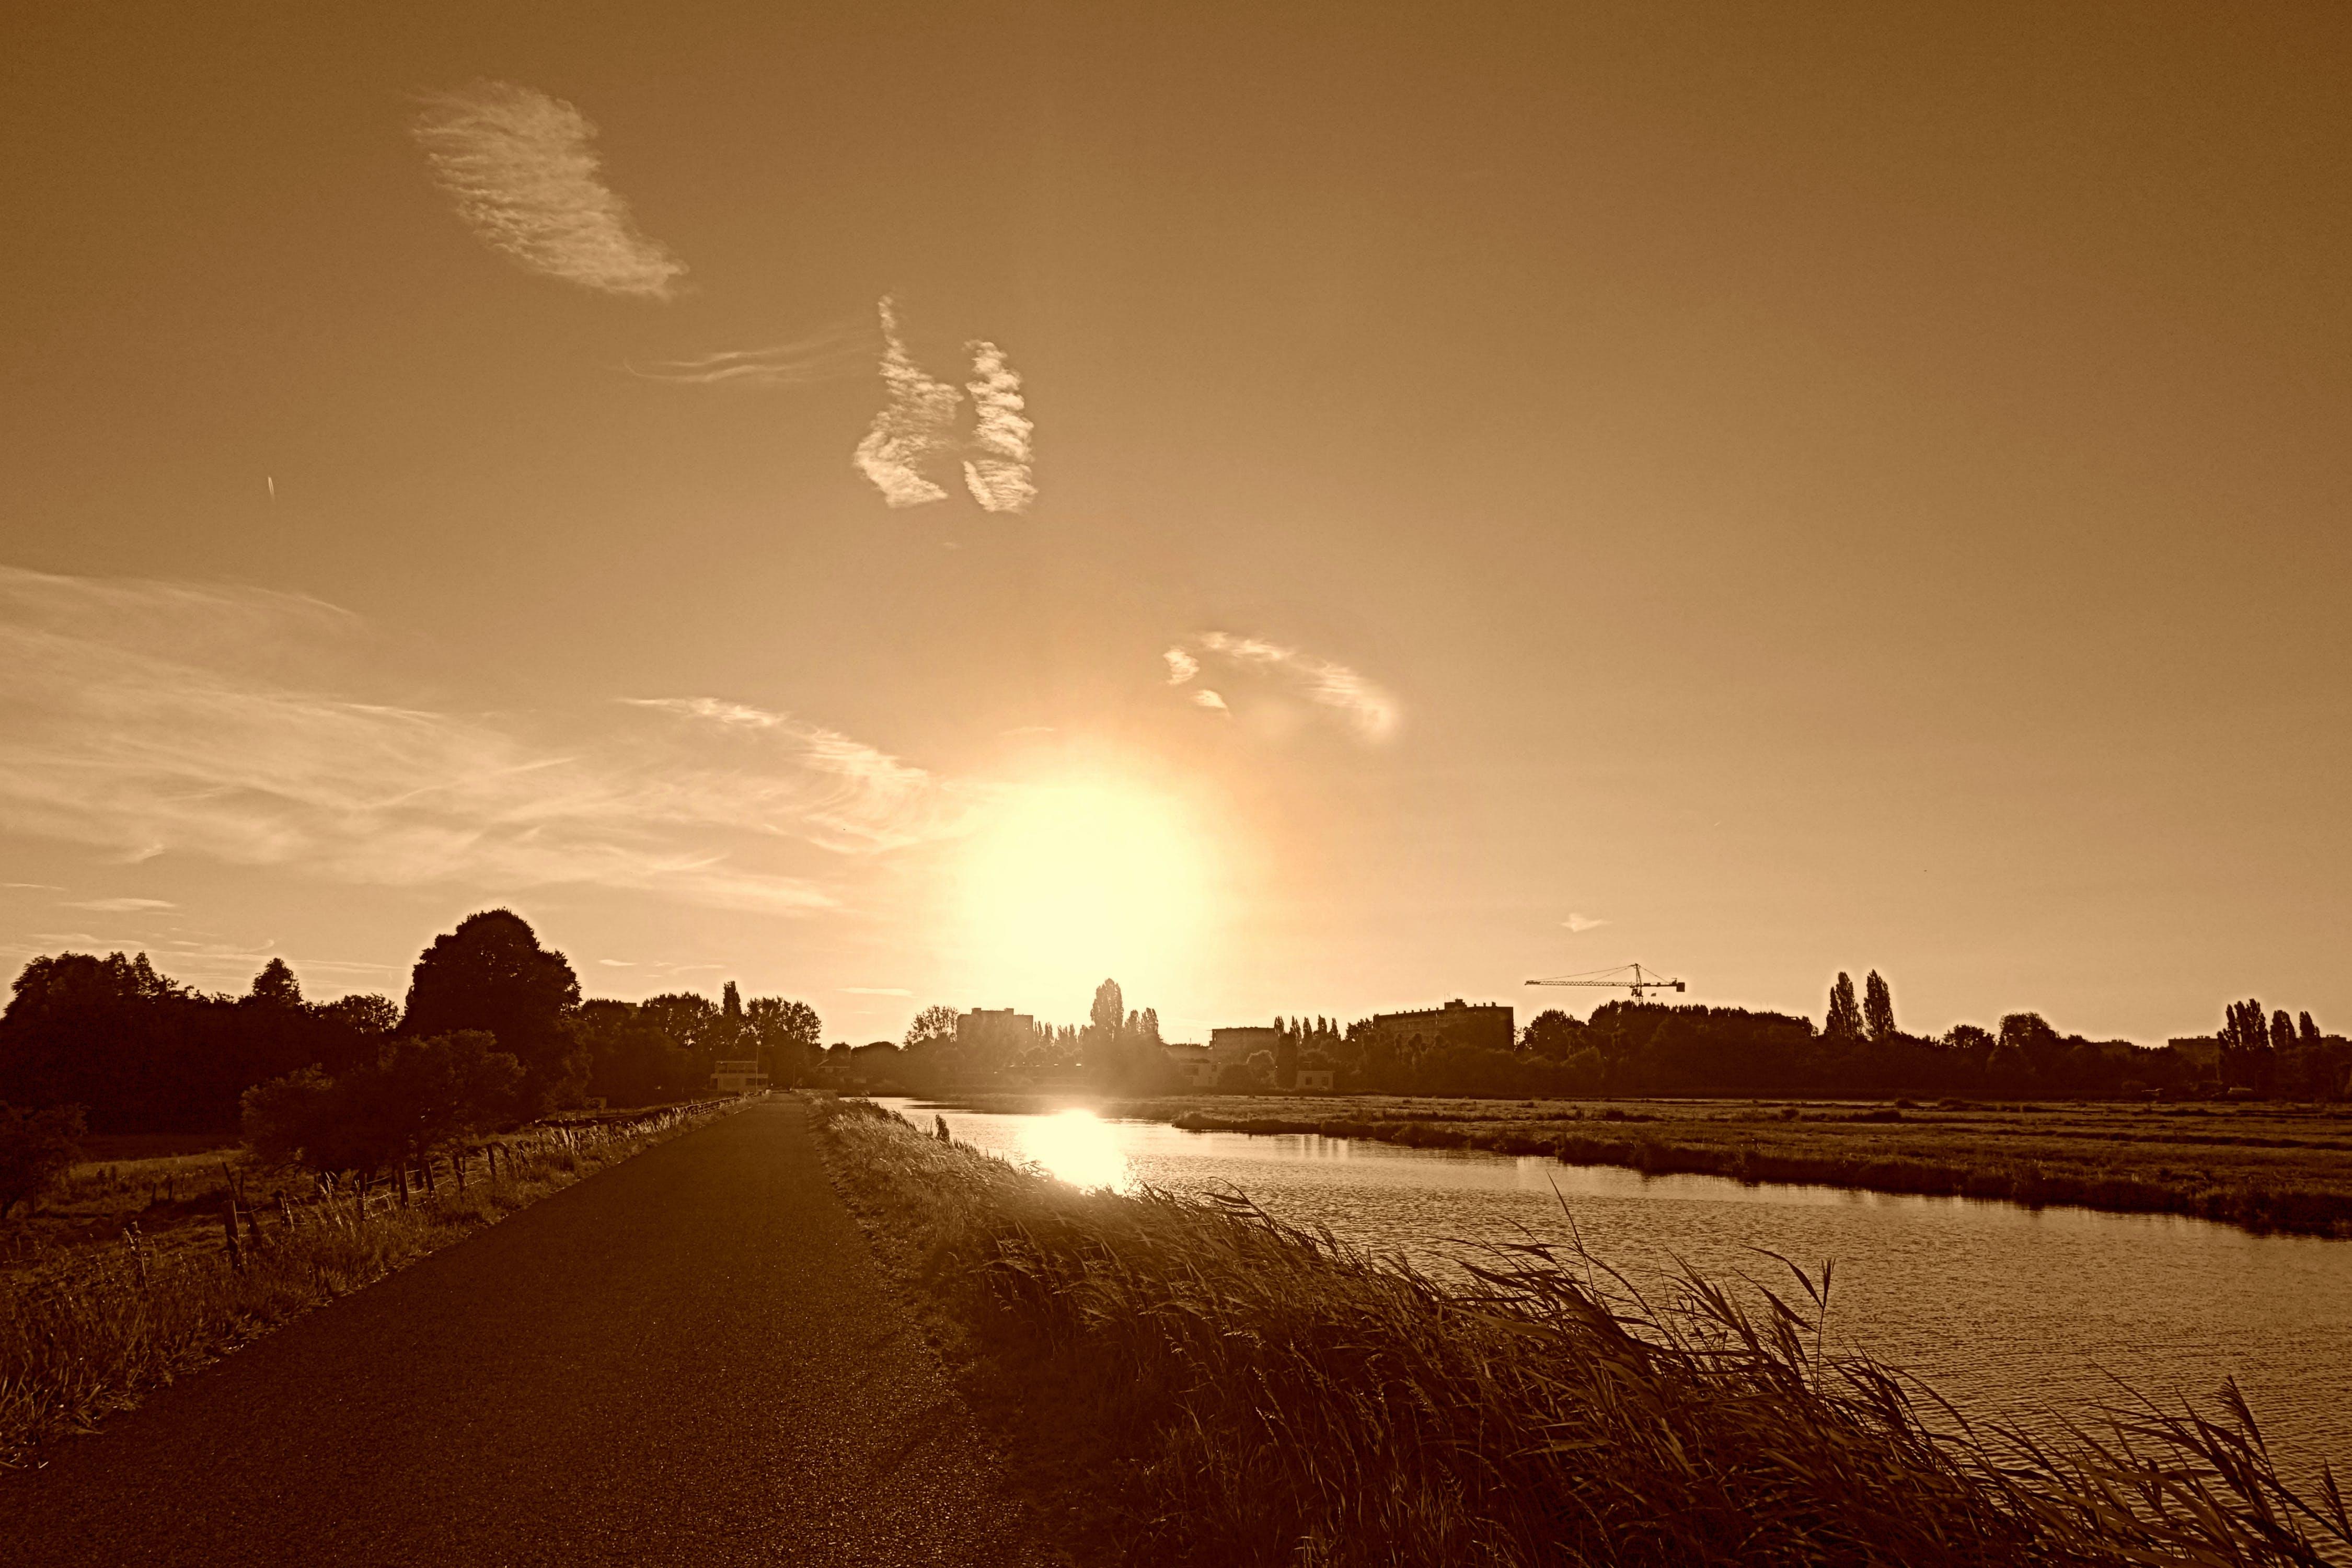 Free stock photo of dusk, evening, Holland, landscape